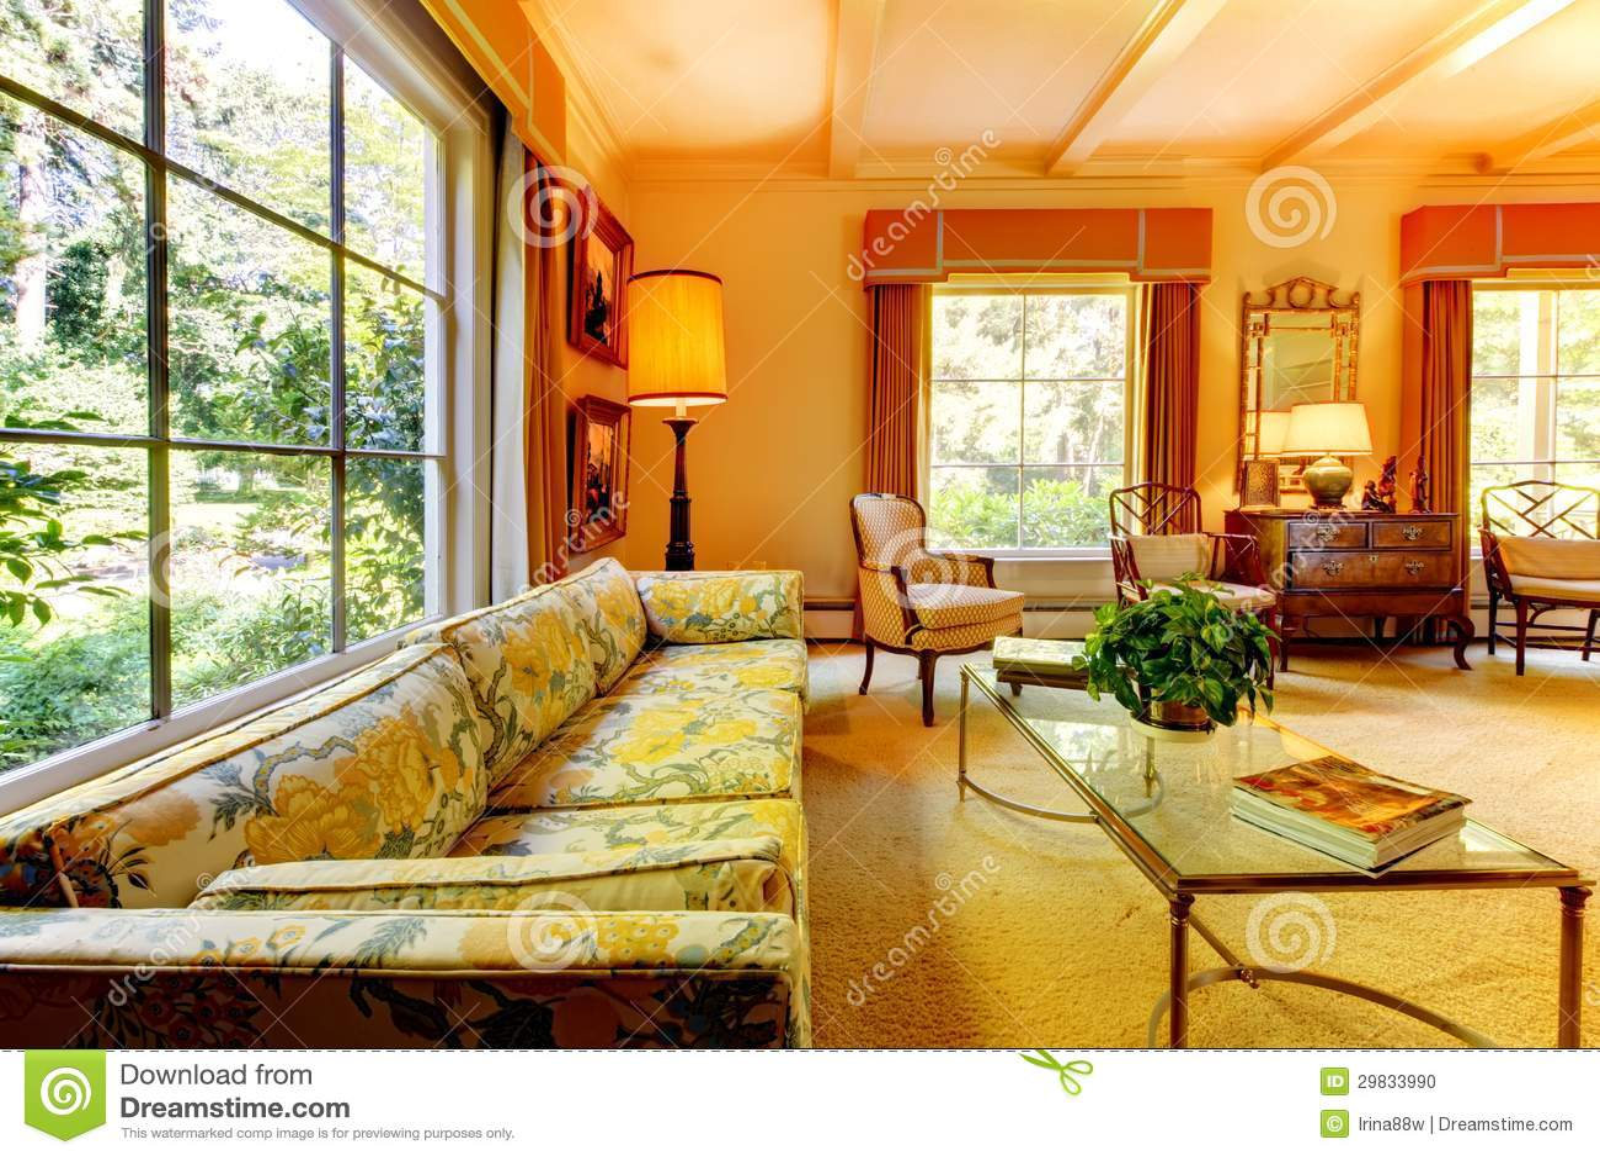 vieux salon amricain de maison avec les dtails antiques - Salon Americain